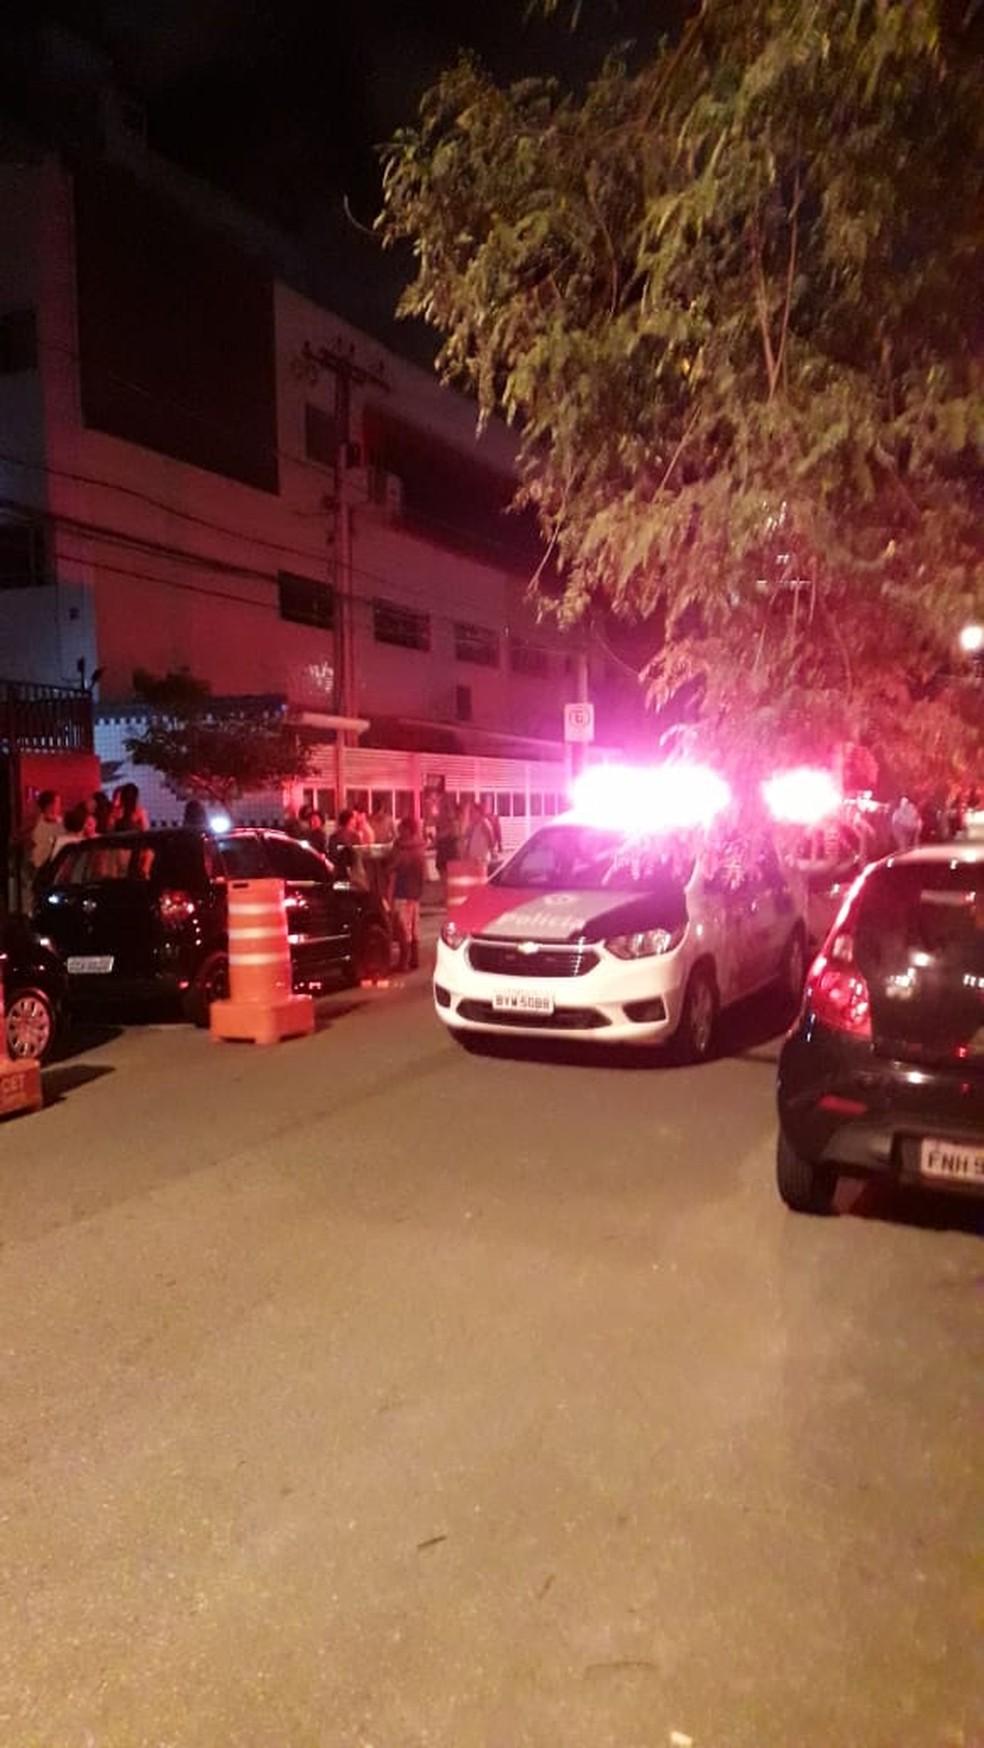 Autoridades interditam rua de prédio residencial onde elevador despencou em SP — Foto: G1 Santos